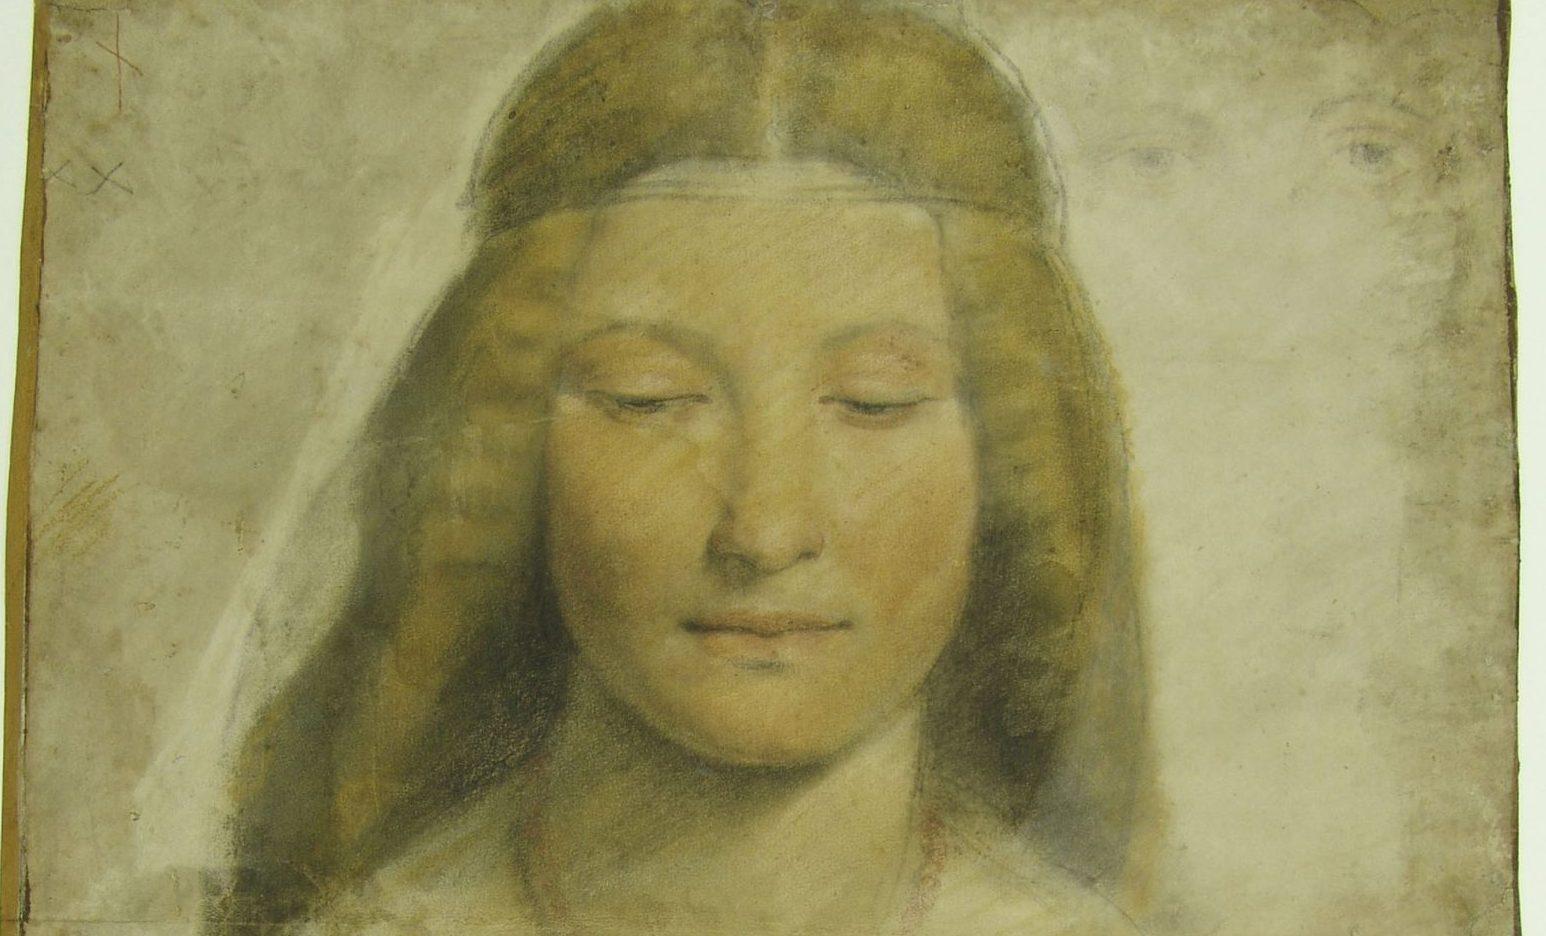 Giovanni Antonio Boltraffio, Studio per ritratto di donna a mezzo bousto, 1498-1502, leonardo da vinci e il suo lascito. gli artisti e le tecniche piancoteca ambrosiana